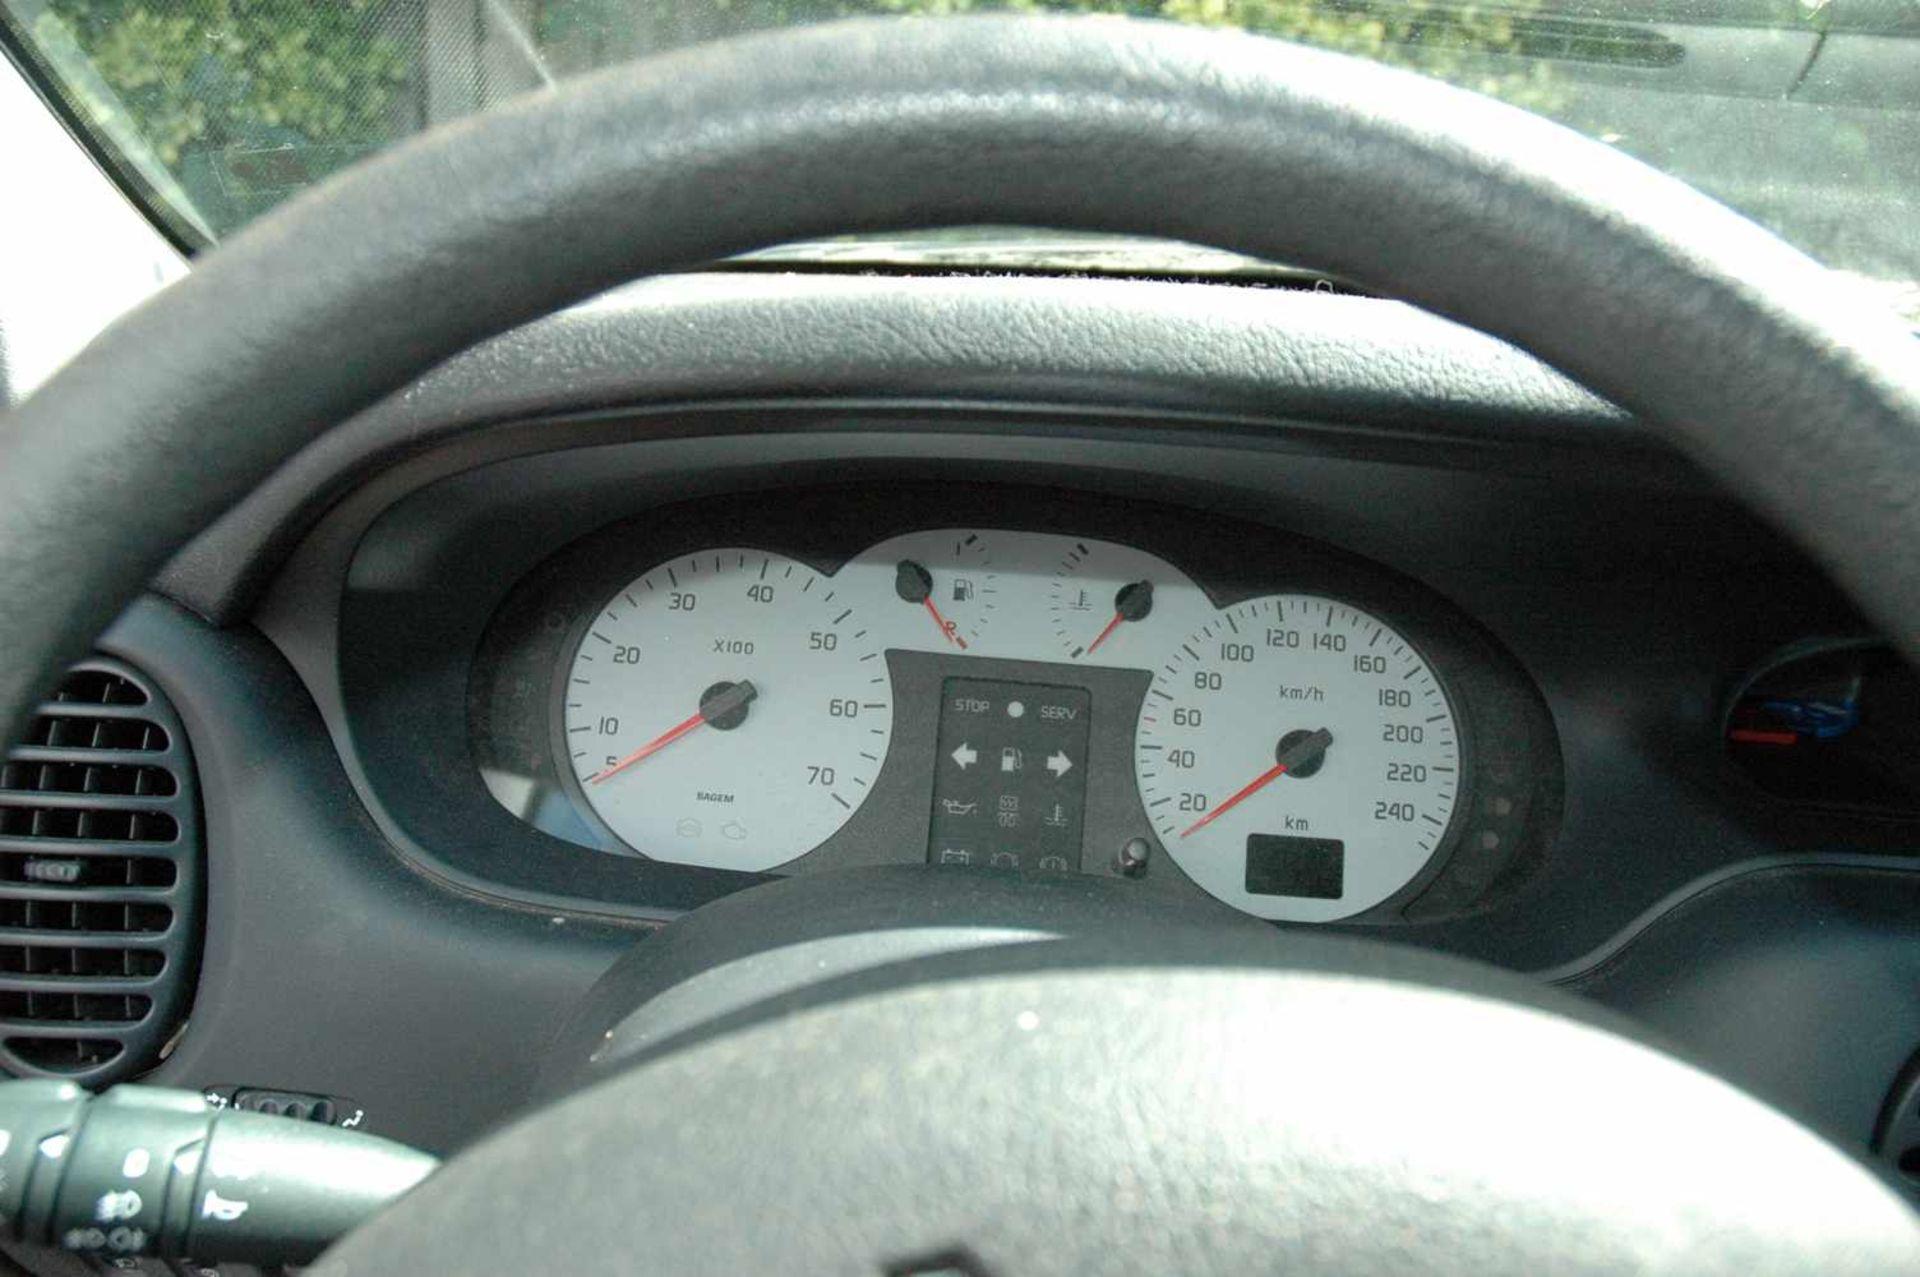 PKW, Renault Megane, EZ 06/99, schwarz - Bild 6 aus 10